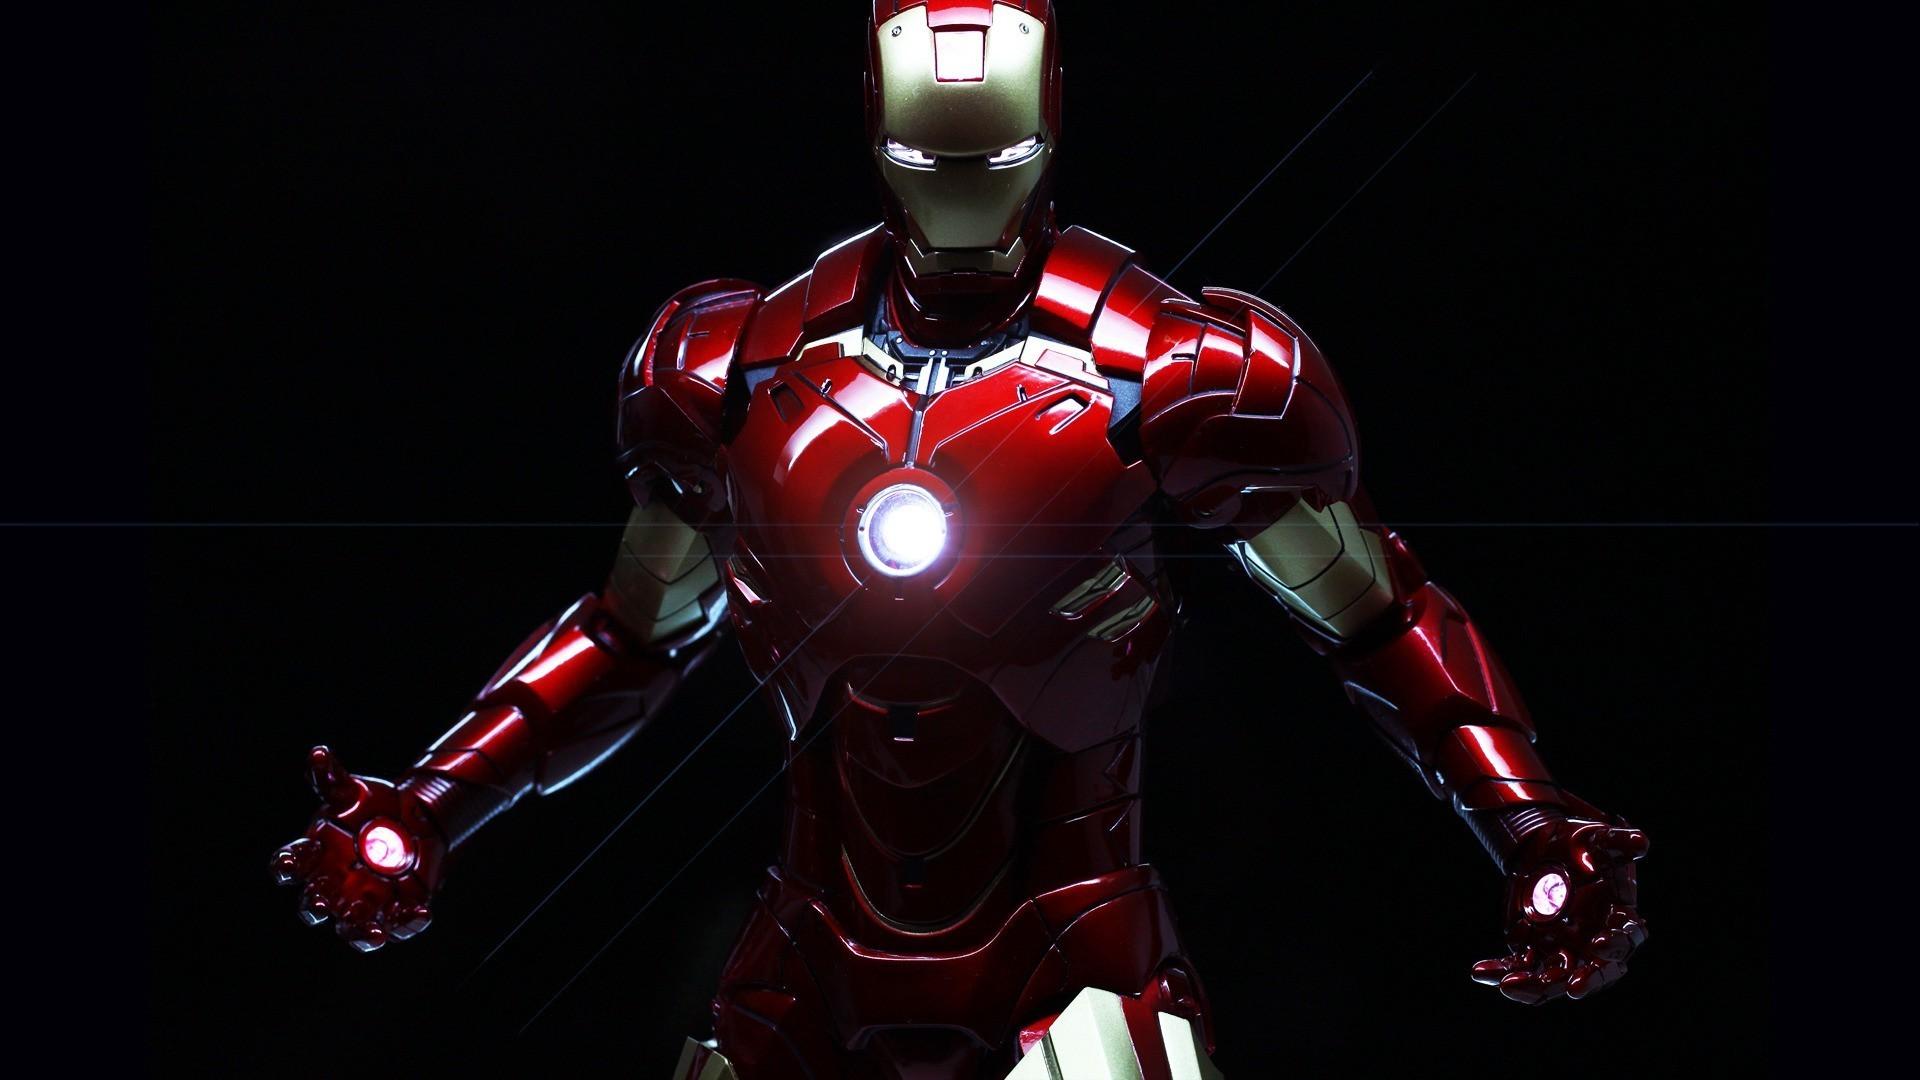 Fotos   Wallpapers Iron Man 1920x1080